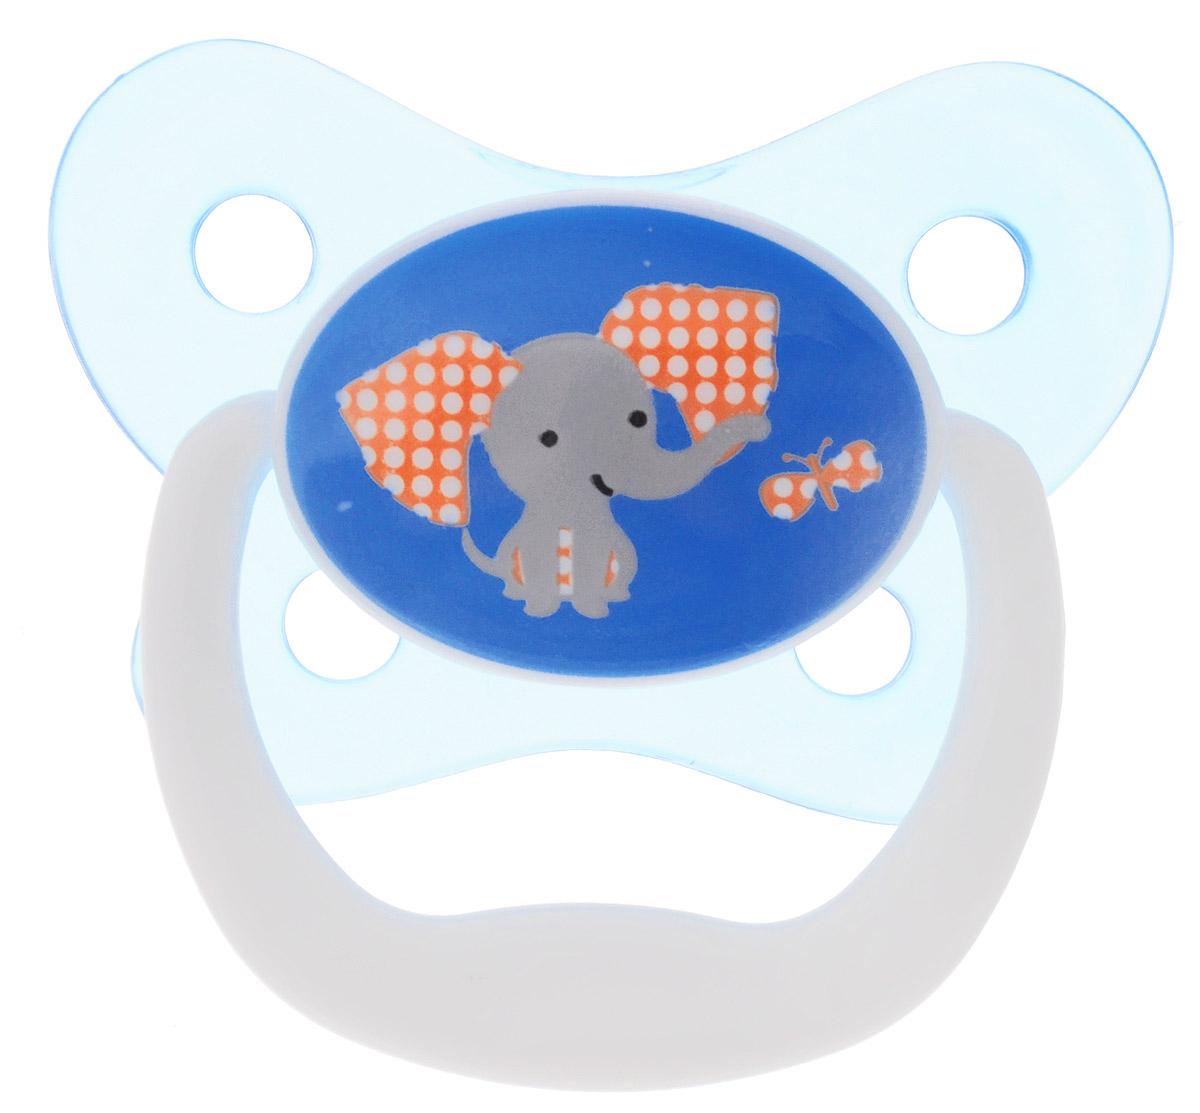 Dr.Browns Пустышка PreVent Бабочка Слон от 6 до 12 месяцев цвет голубойPV21404_голубой/слонПустышка Dr.Browns PreVent Бабочка. Слон разработана детским стоматологом. Предназначена для малышей от 6 до 12 месяцев. Пустышка снабжена контурным ободком, обеспечивающим нежное касание лица ребенка. Она имеет воздушный канал, ослабляющий разрежение и снижающий давление на небо. Мягкая, ослабляющая разрежение грушевидная часть соски при сосании расходится в стороны, создавая комфортные условия. Тонкая ножка уменьшает воздействие на рот ребенка. Пустышка удовлетворяет естественный сосательный рефлекс и тренирует мышцы губ, языка и челюсти, что играет важную роль в развитии речевых навыков и навыков приема пищи Снабжена защелкивающимся гигиеничным колпачком. Не содержит Бисфенол-А.